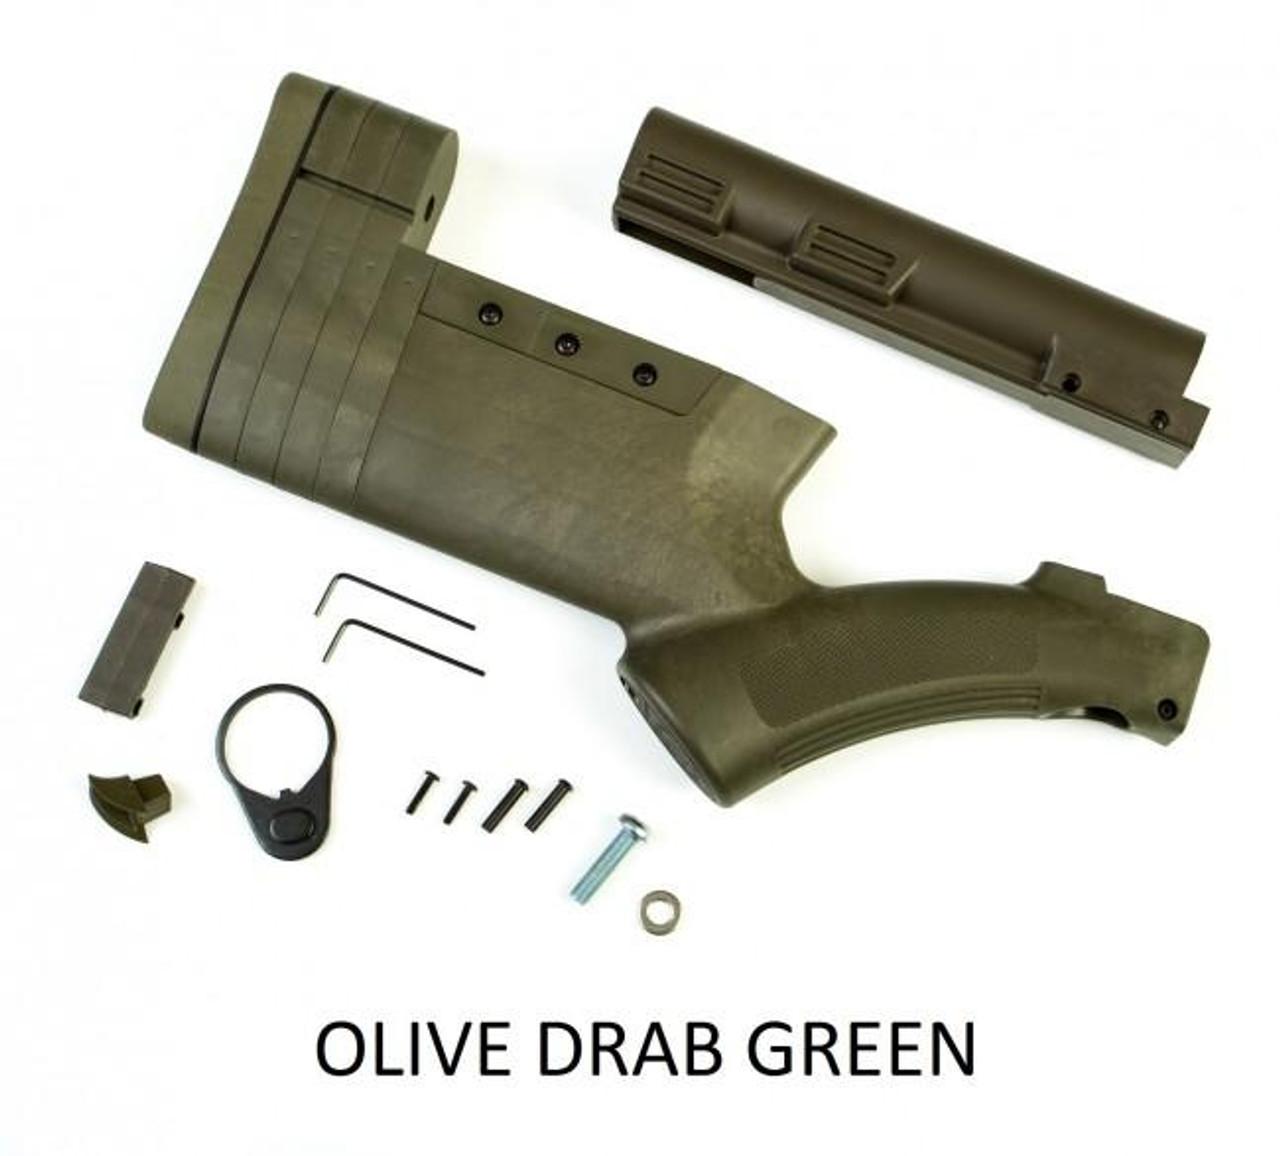 Thordsen Customs FRS Gen III Standard Carbine Stock Kits